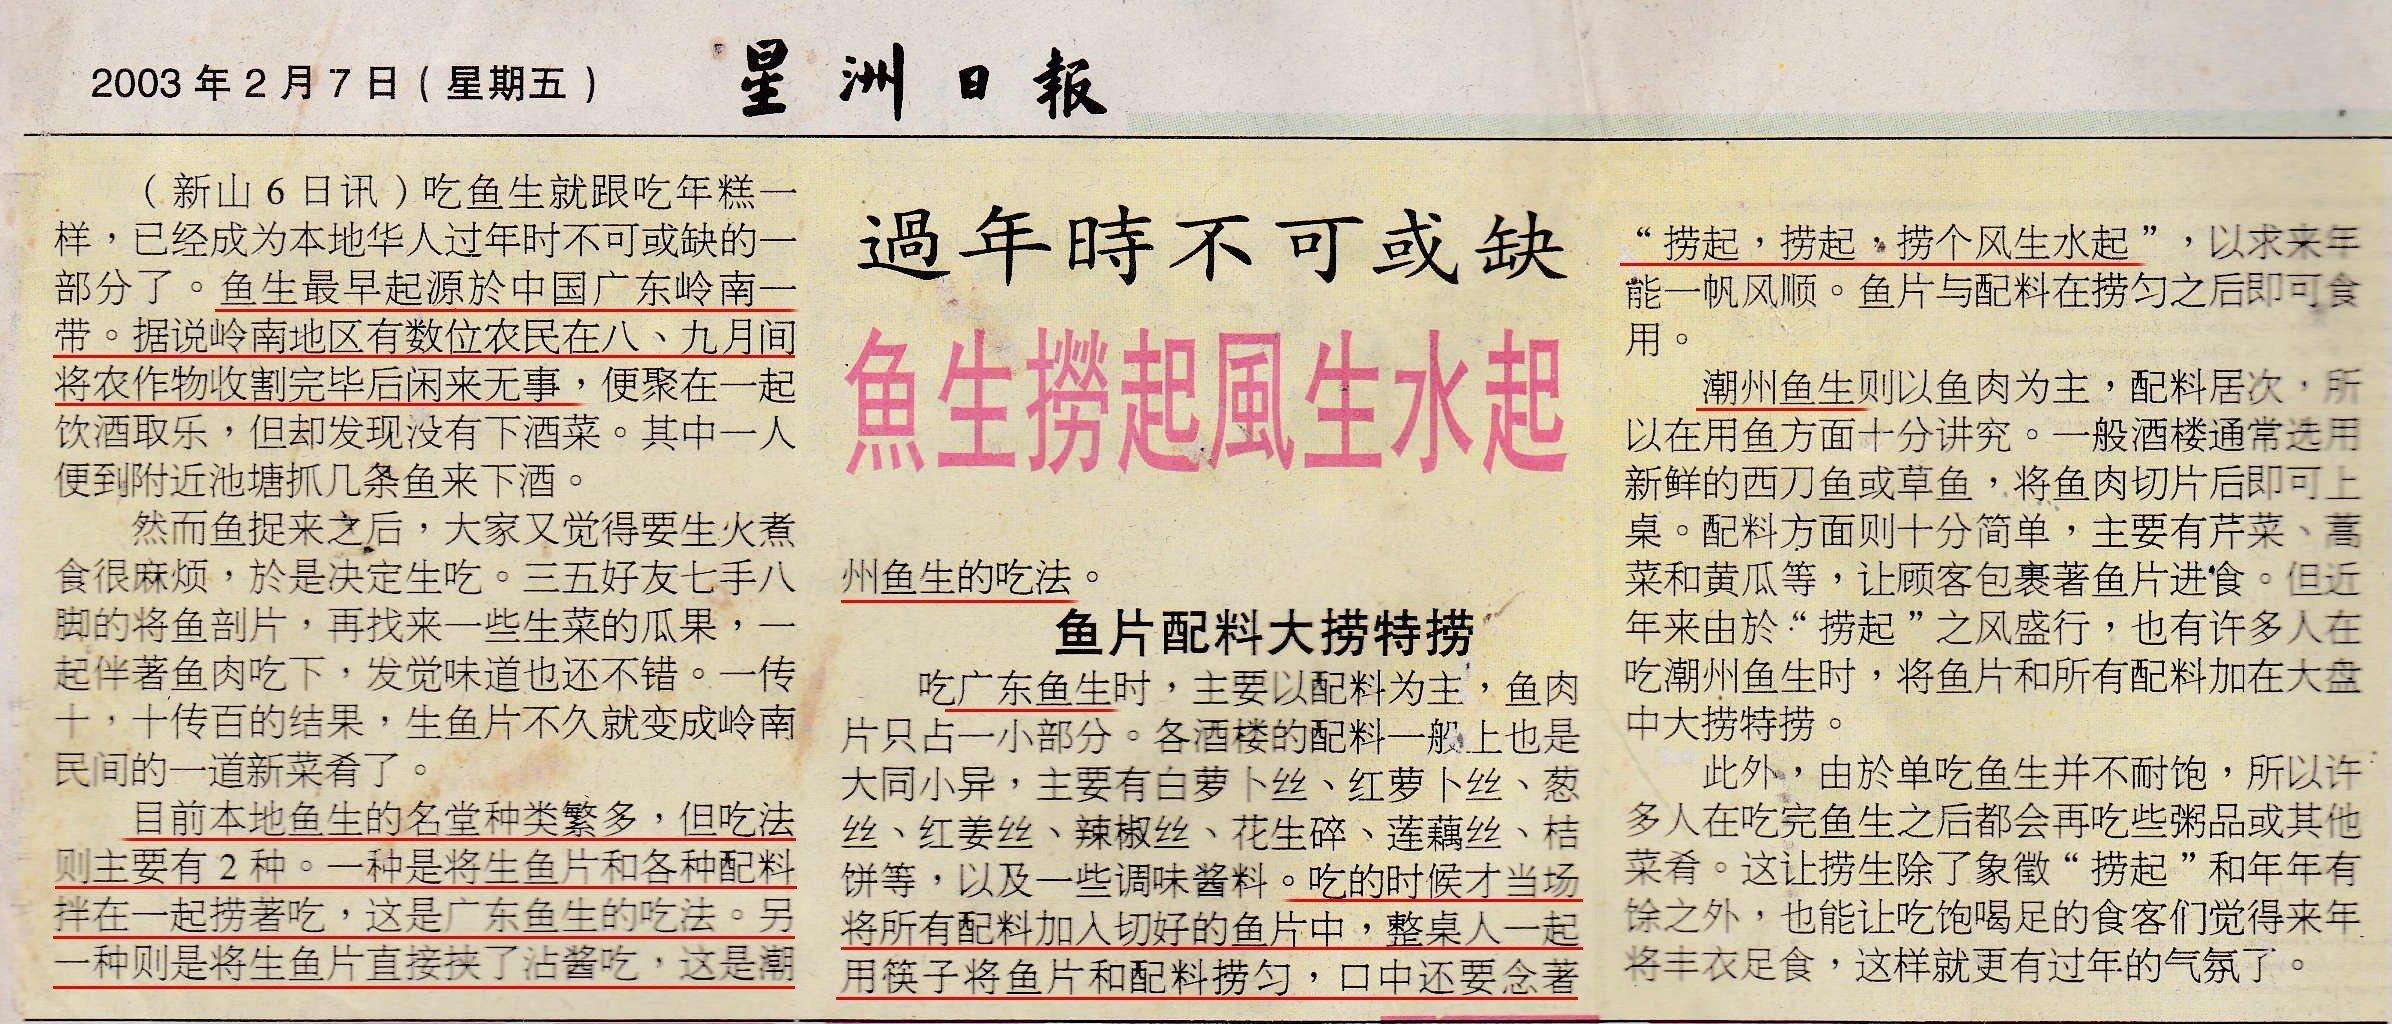 马来西亚食神-人日捞生 2003年 星洲日报